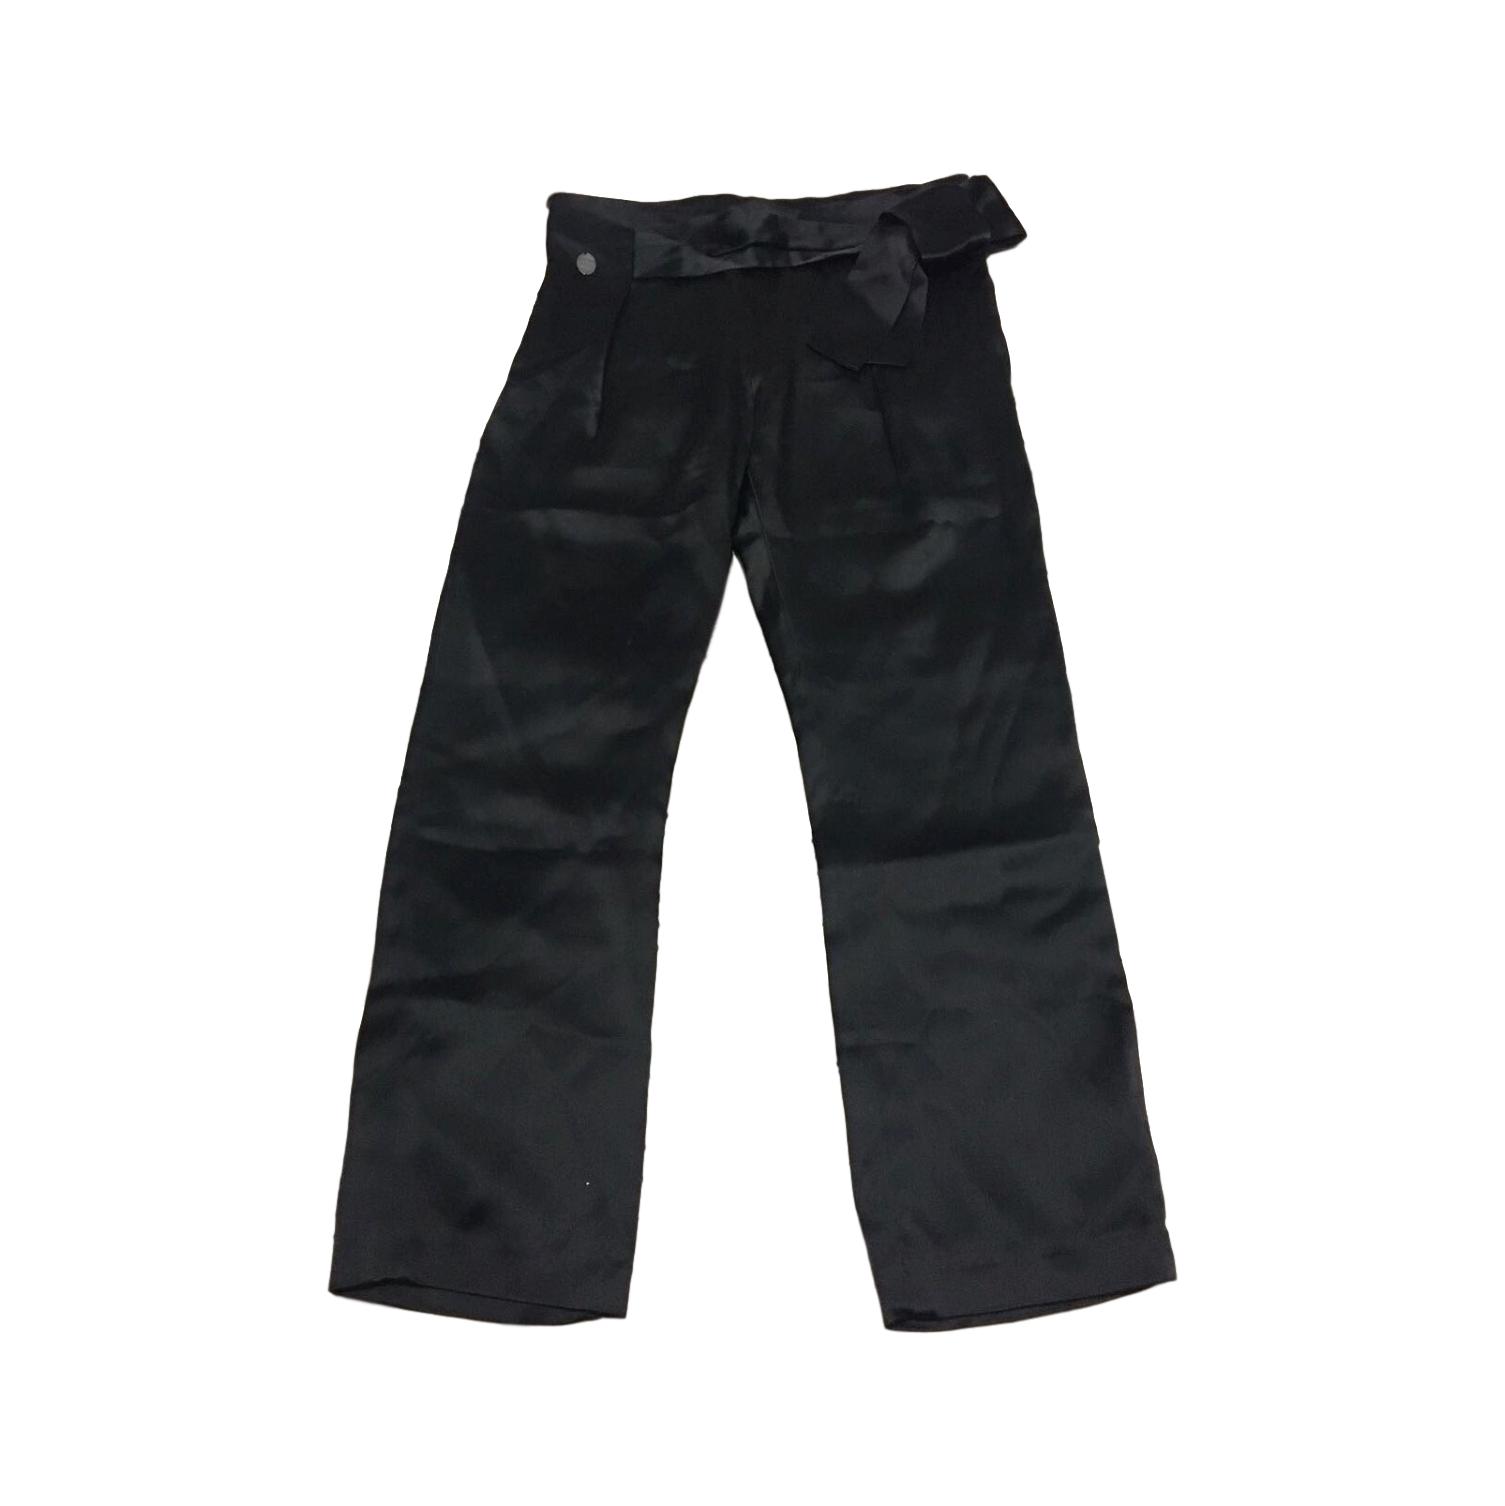 Купить брюки Christian Dior за 4500 руб. в интернет магазине ... 60570dd3897